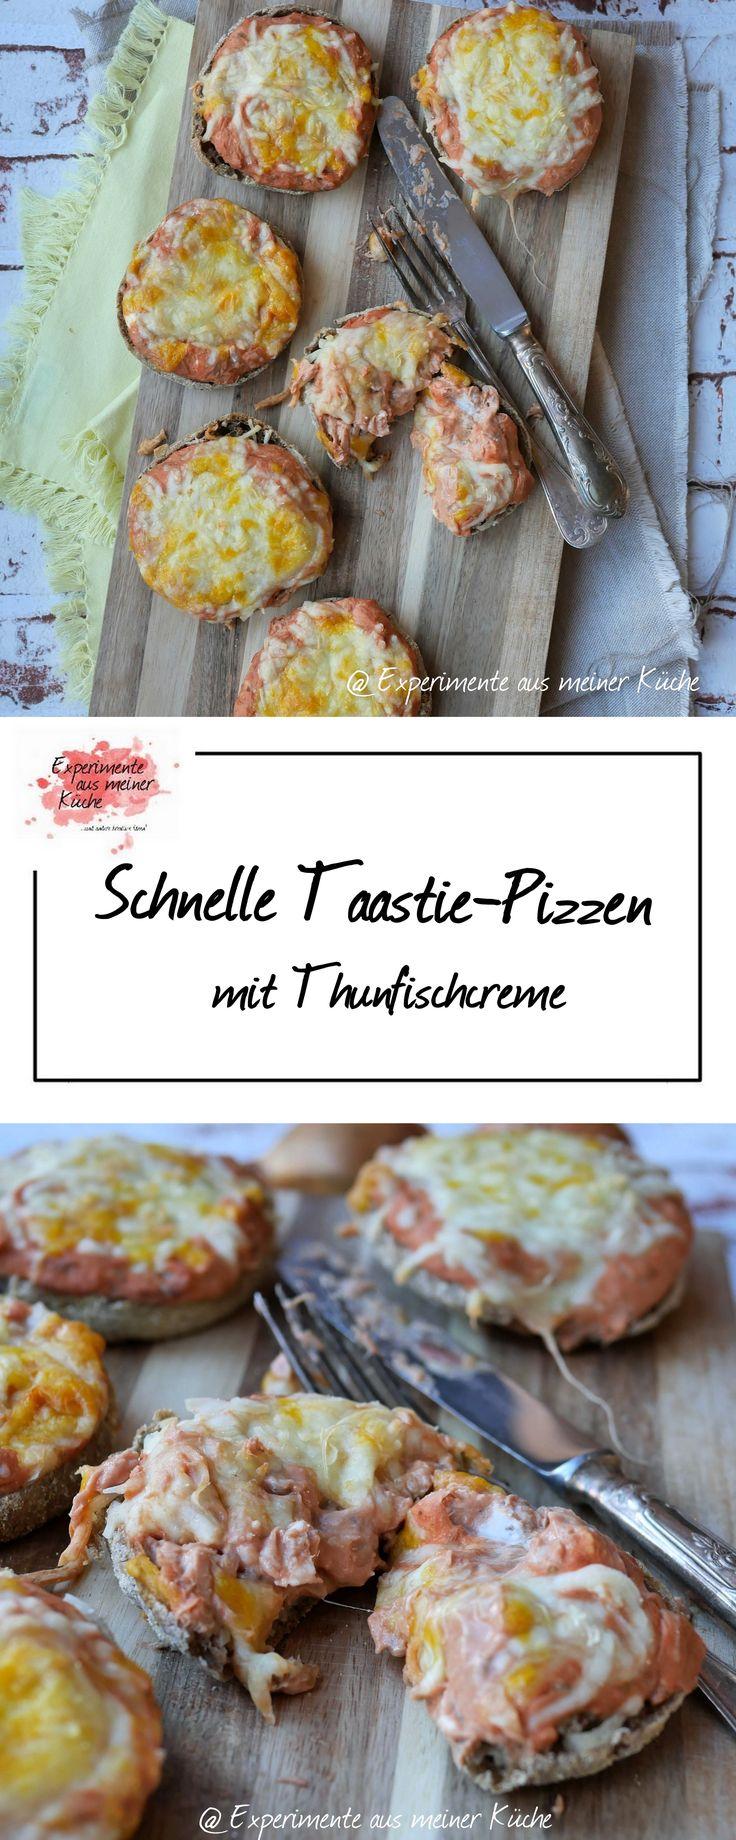 Experimente aus meiner Küche: Schnelle Toastie-Pizzen mit Thunfischcreme